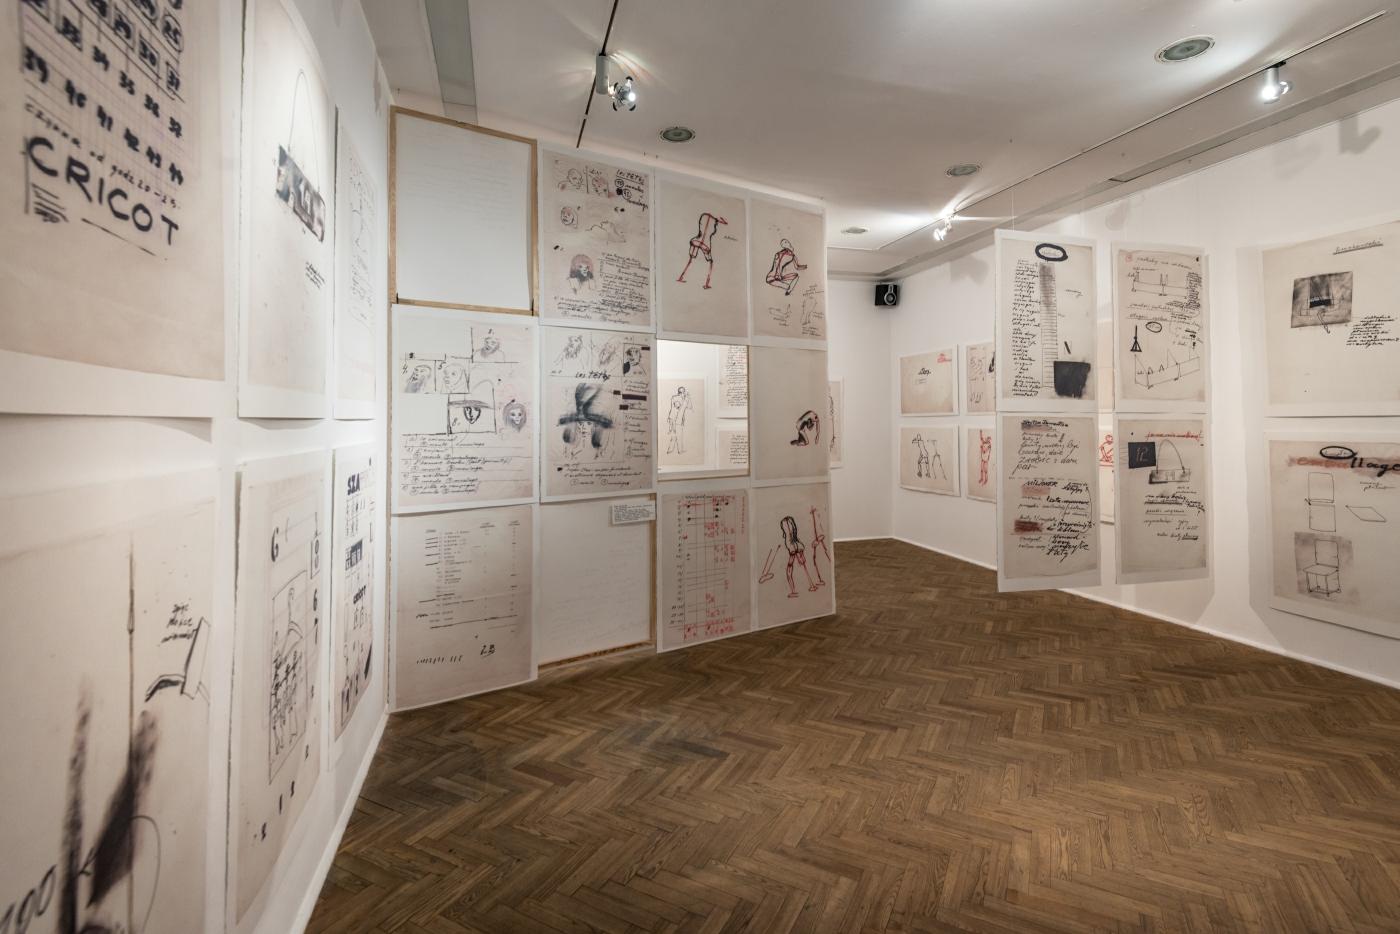 adeusz Kantor, Brudnopisy, widok wystawy, Galeria Foksal 2015